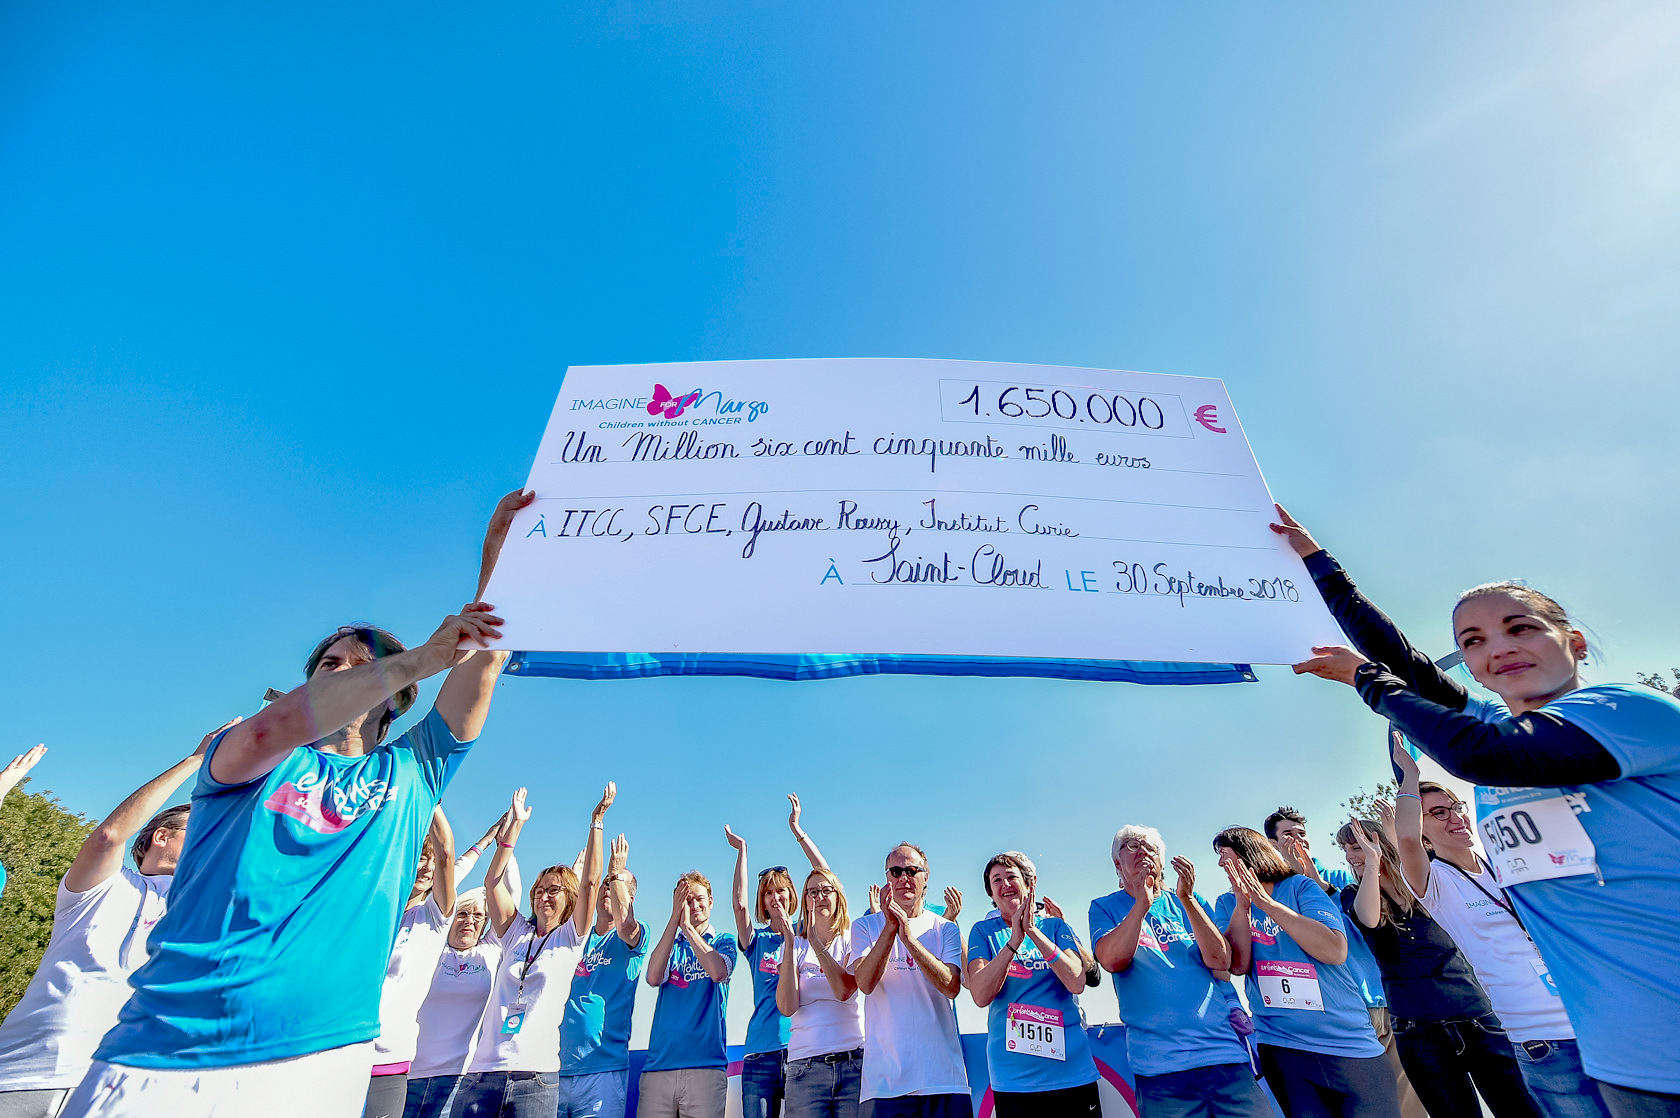 un magnifique chèque de 1,65 million d'euros a été remis aux chercheurs lors de la course Enfants sans Cancer 2018 pour financer de nouveaux traitements pour les enfants malades